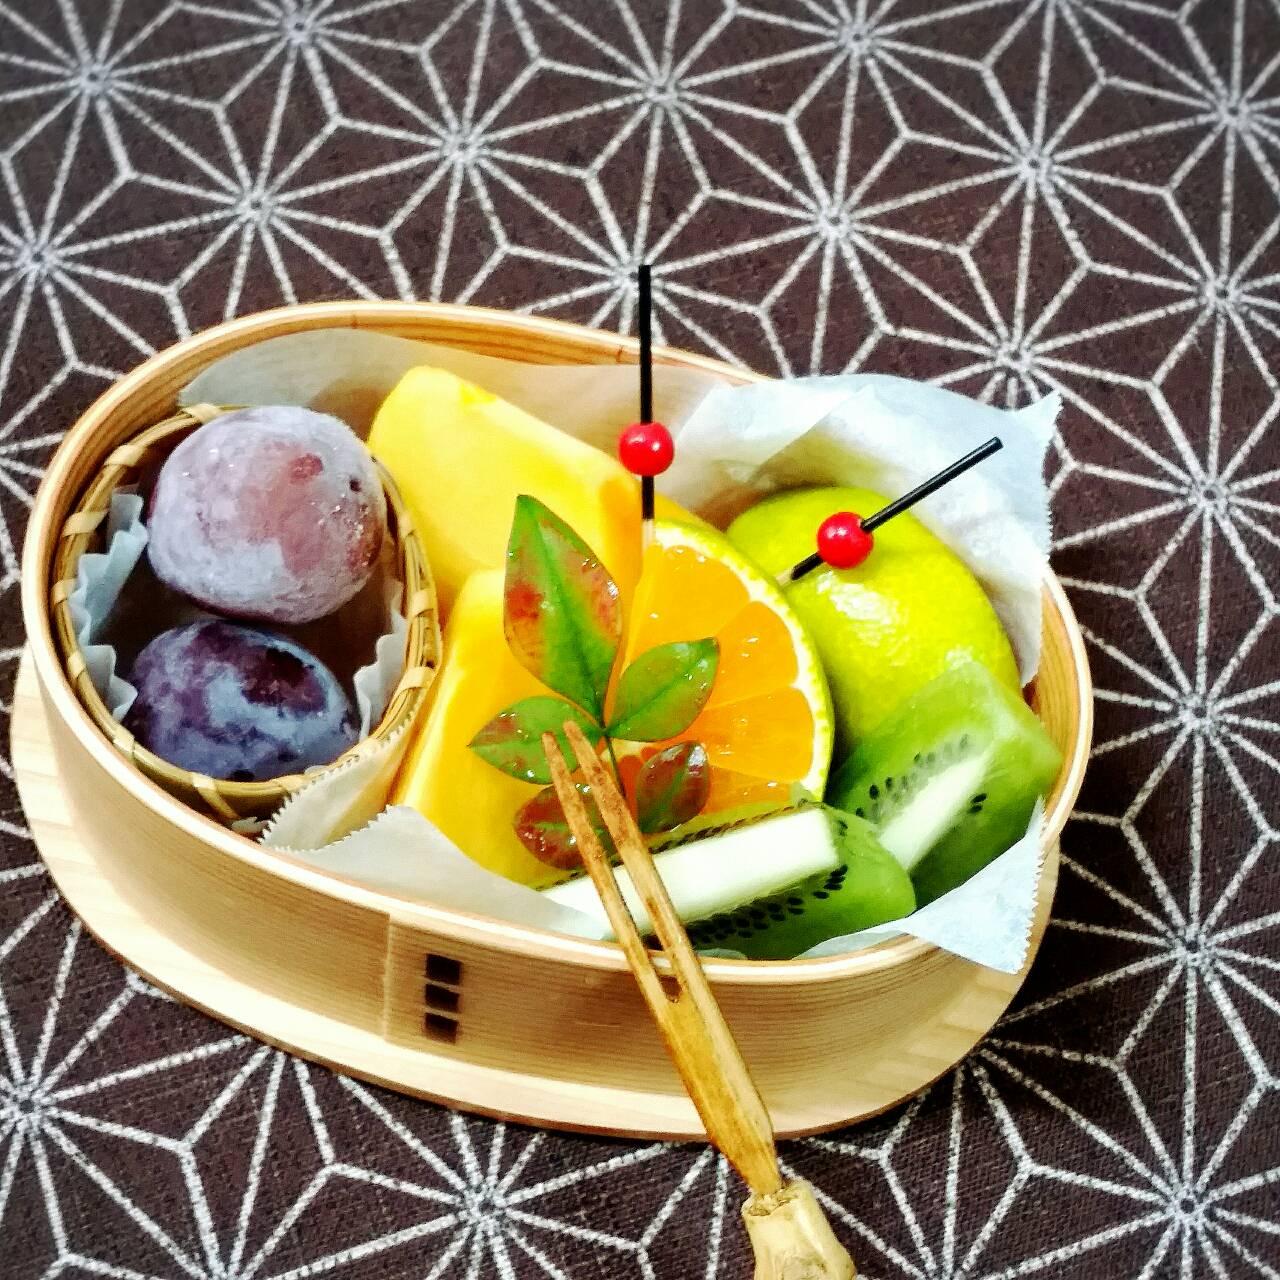 フルーツのわっぱ盛り